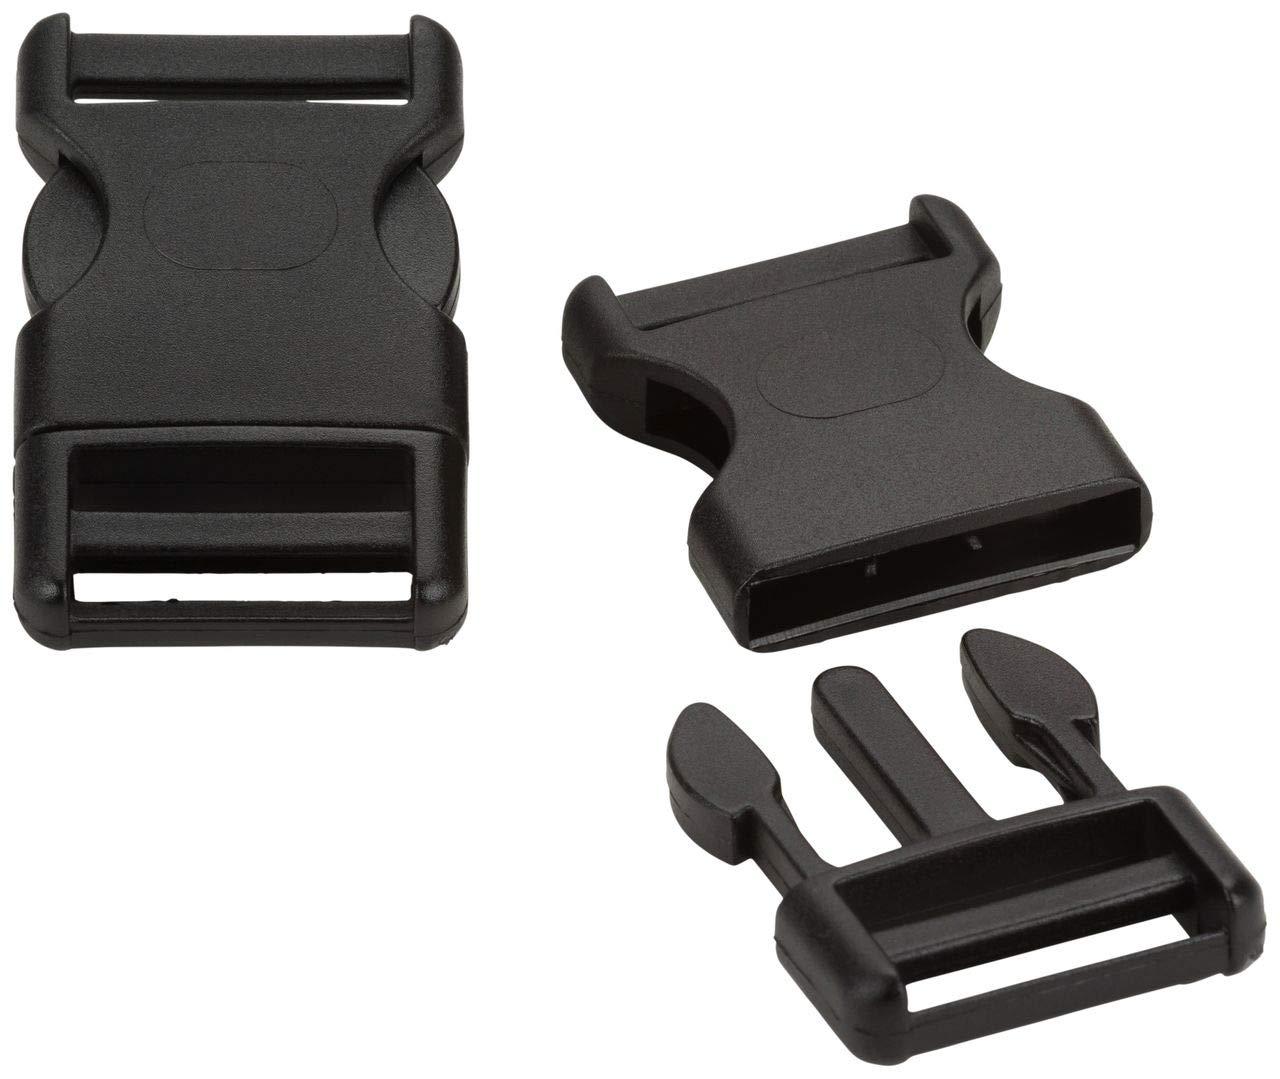 Accesorios para mochilas Intersport RS de cierre rápido